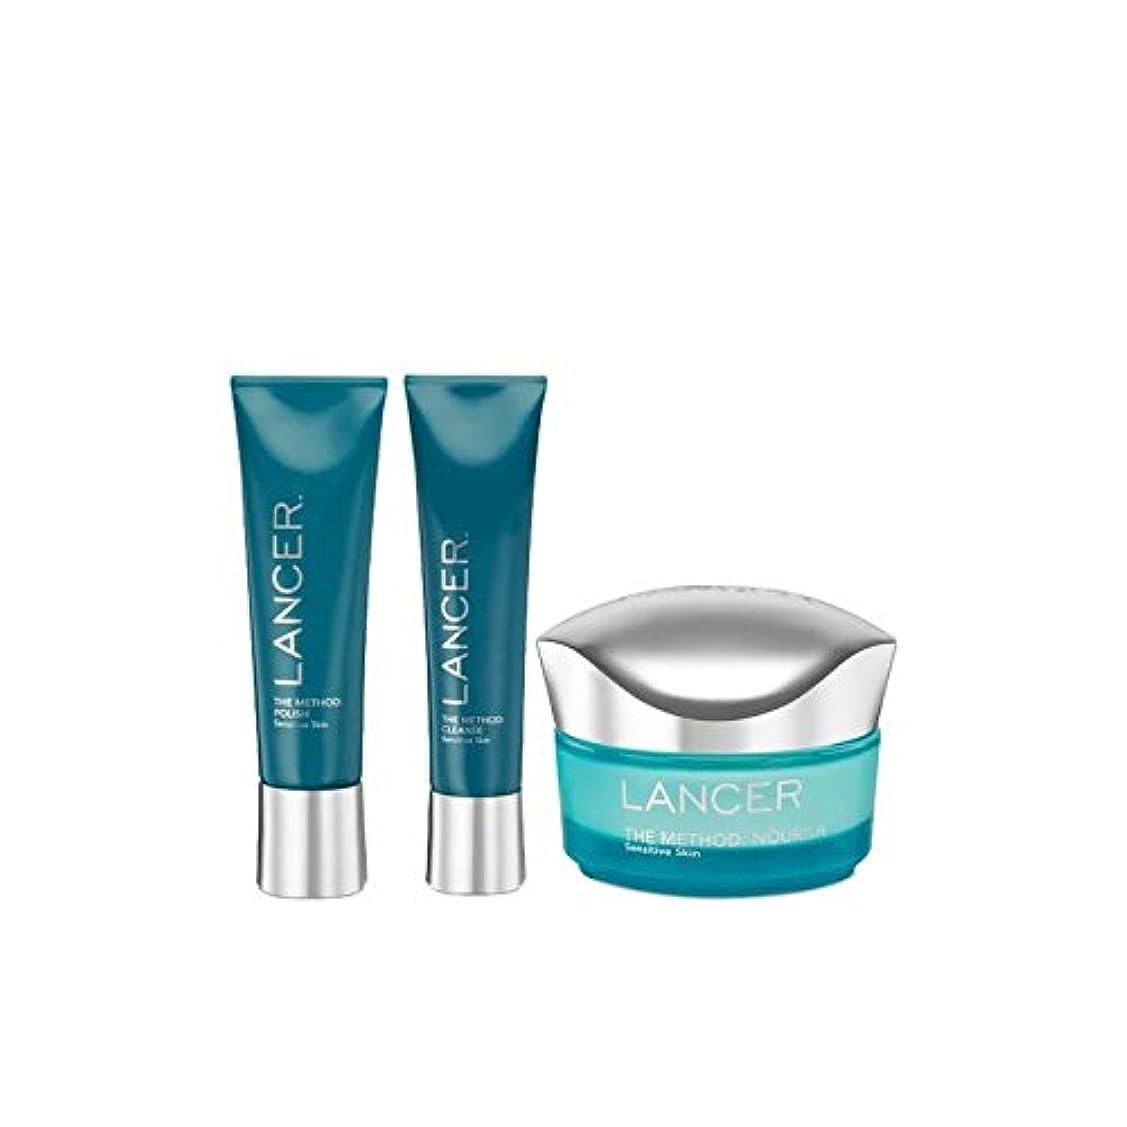 脱獄カメラ起こるLancer Skincare The Lancer Method Sensitive (Pack of 6) - ランサーランサー方法が敏感スキンケア x6 [並行輸入品]